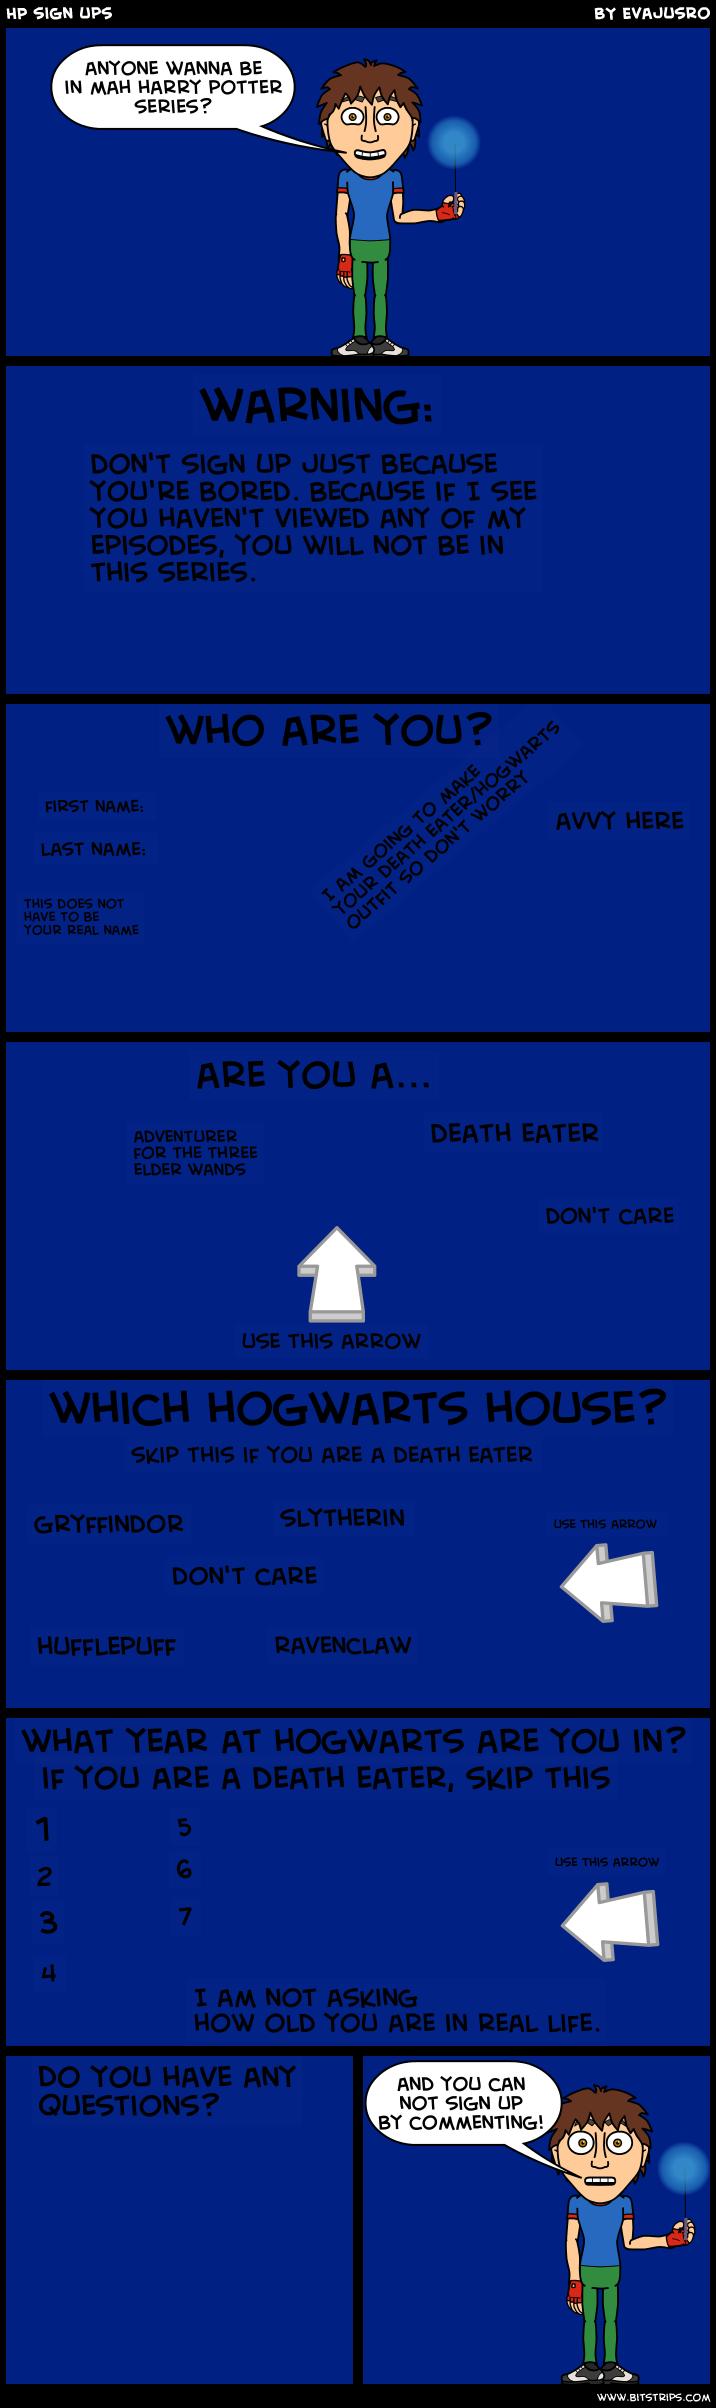 HP sign ups